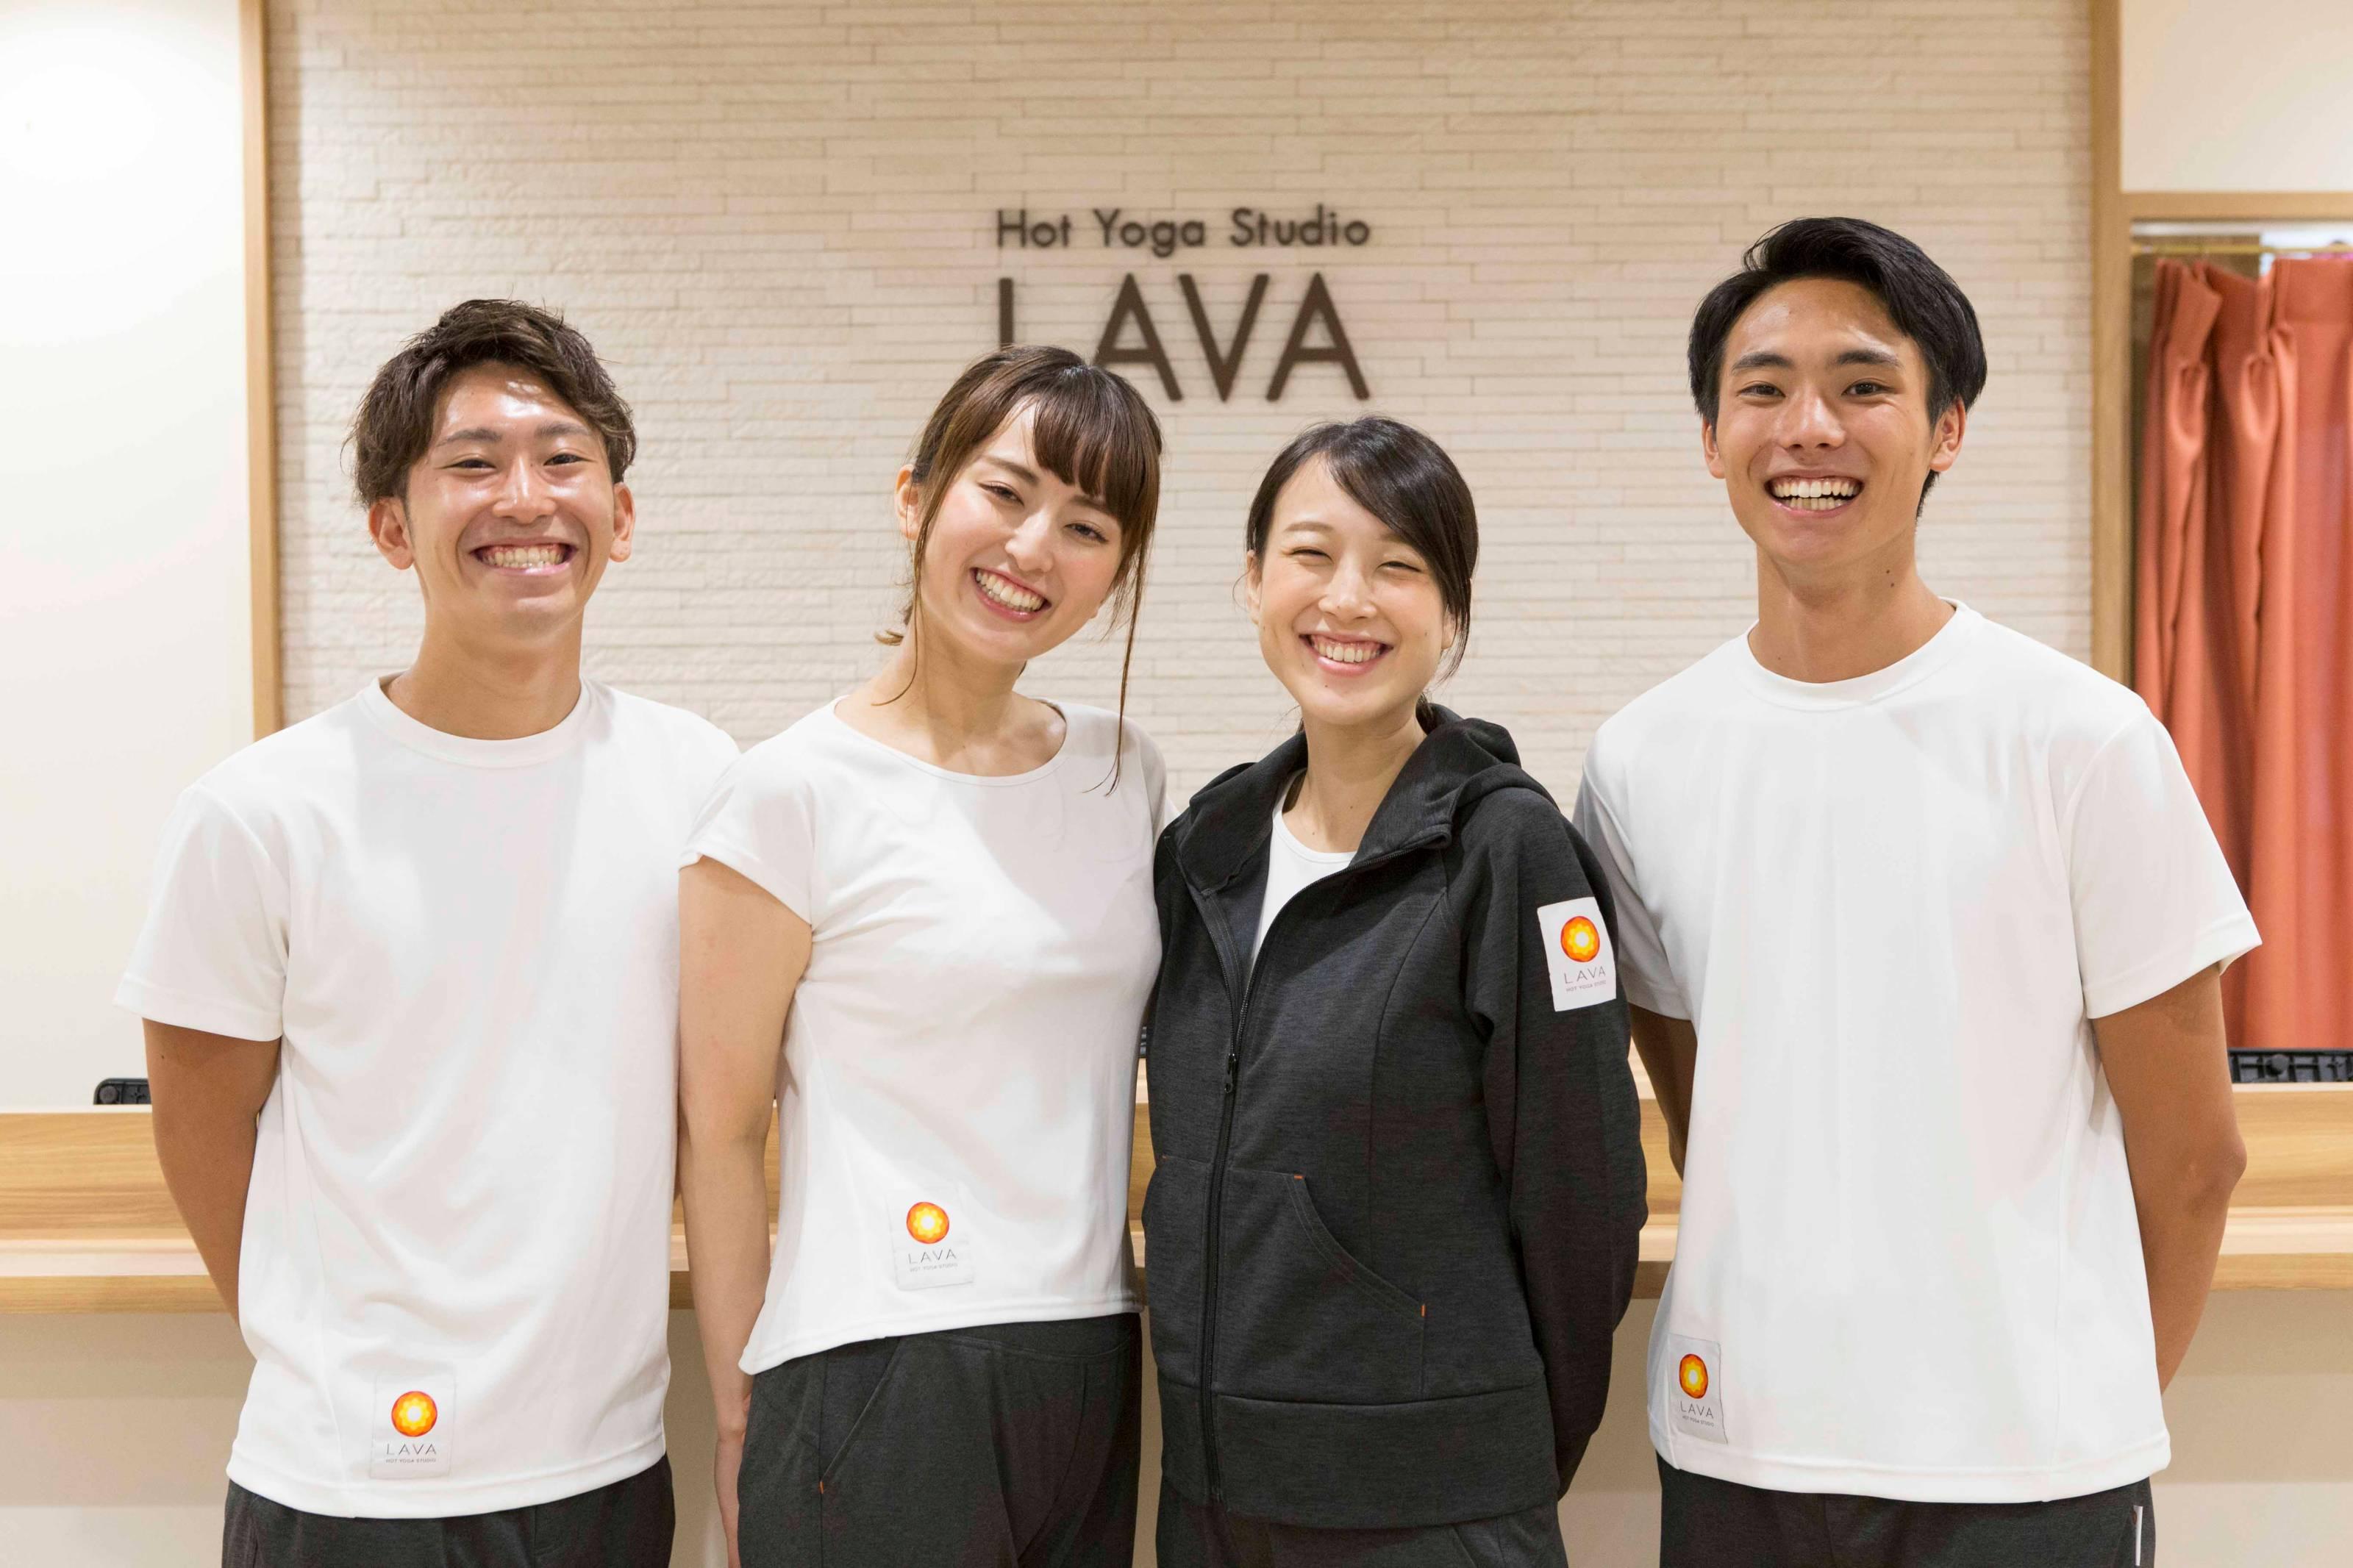 ホットヨガスタジオLAVA 新杉田店